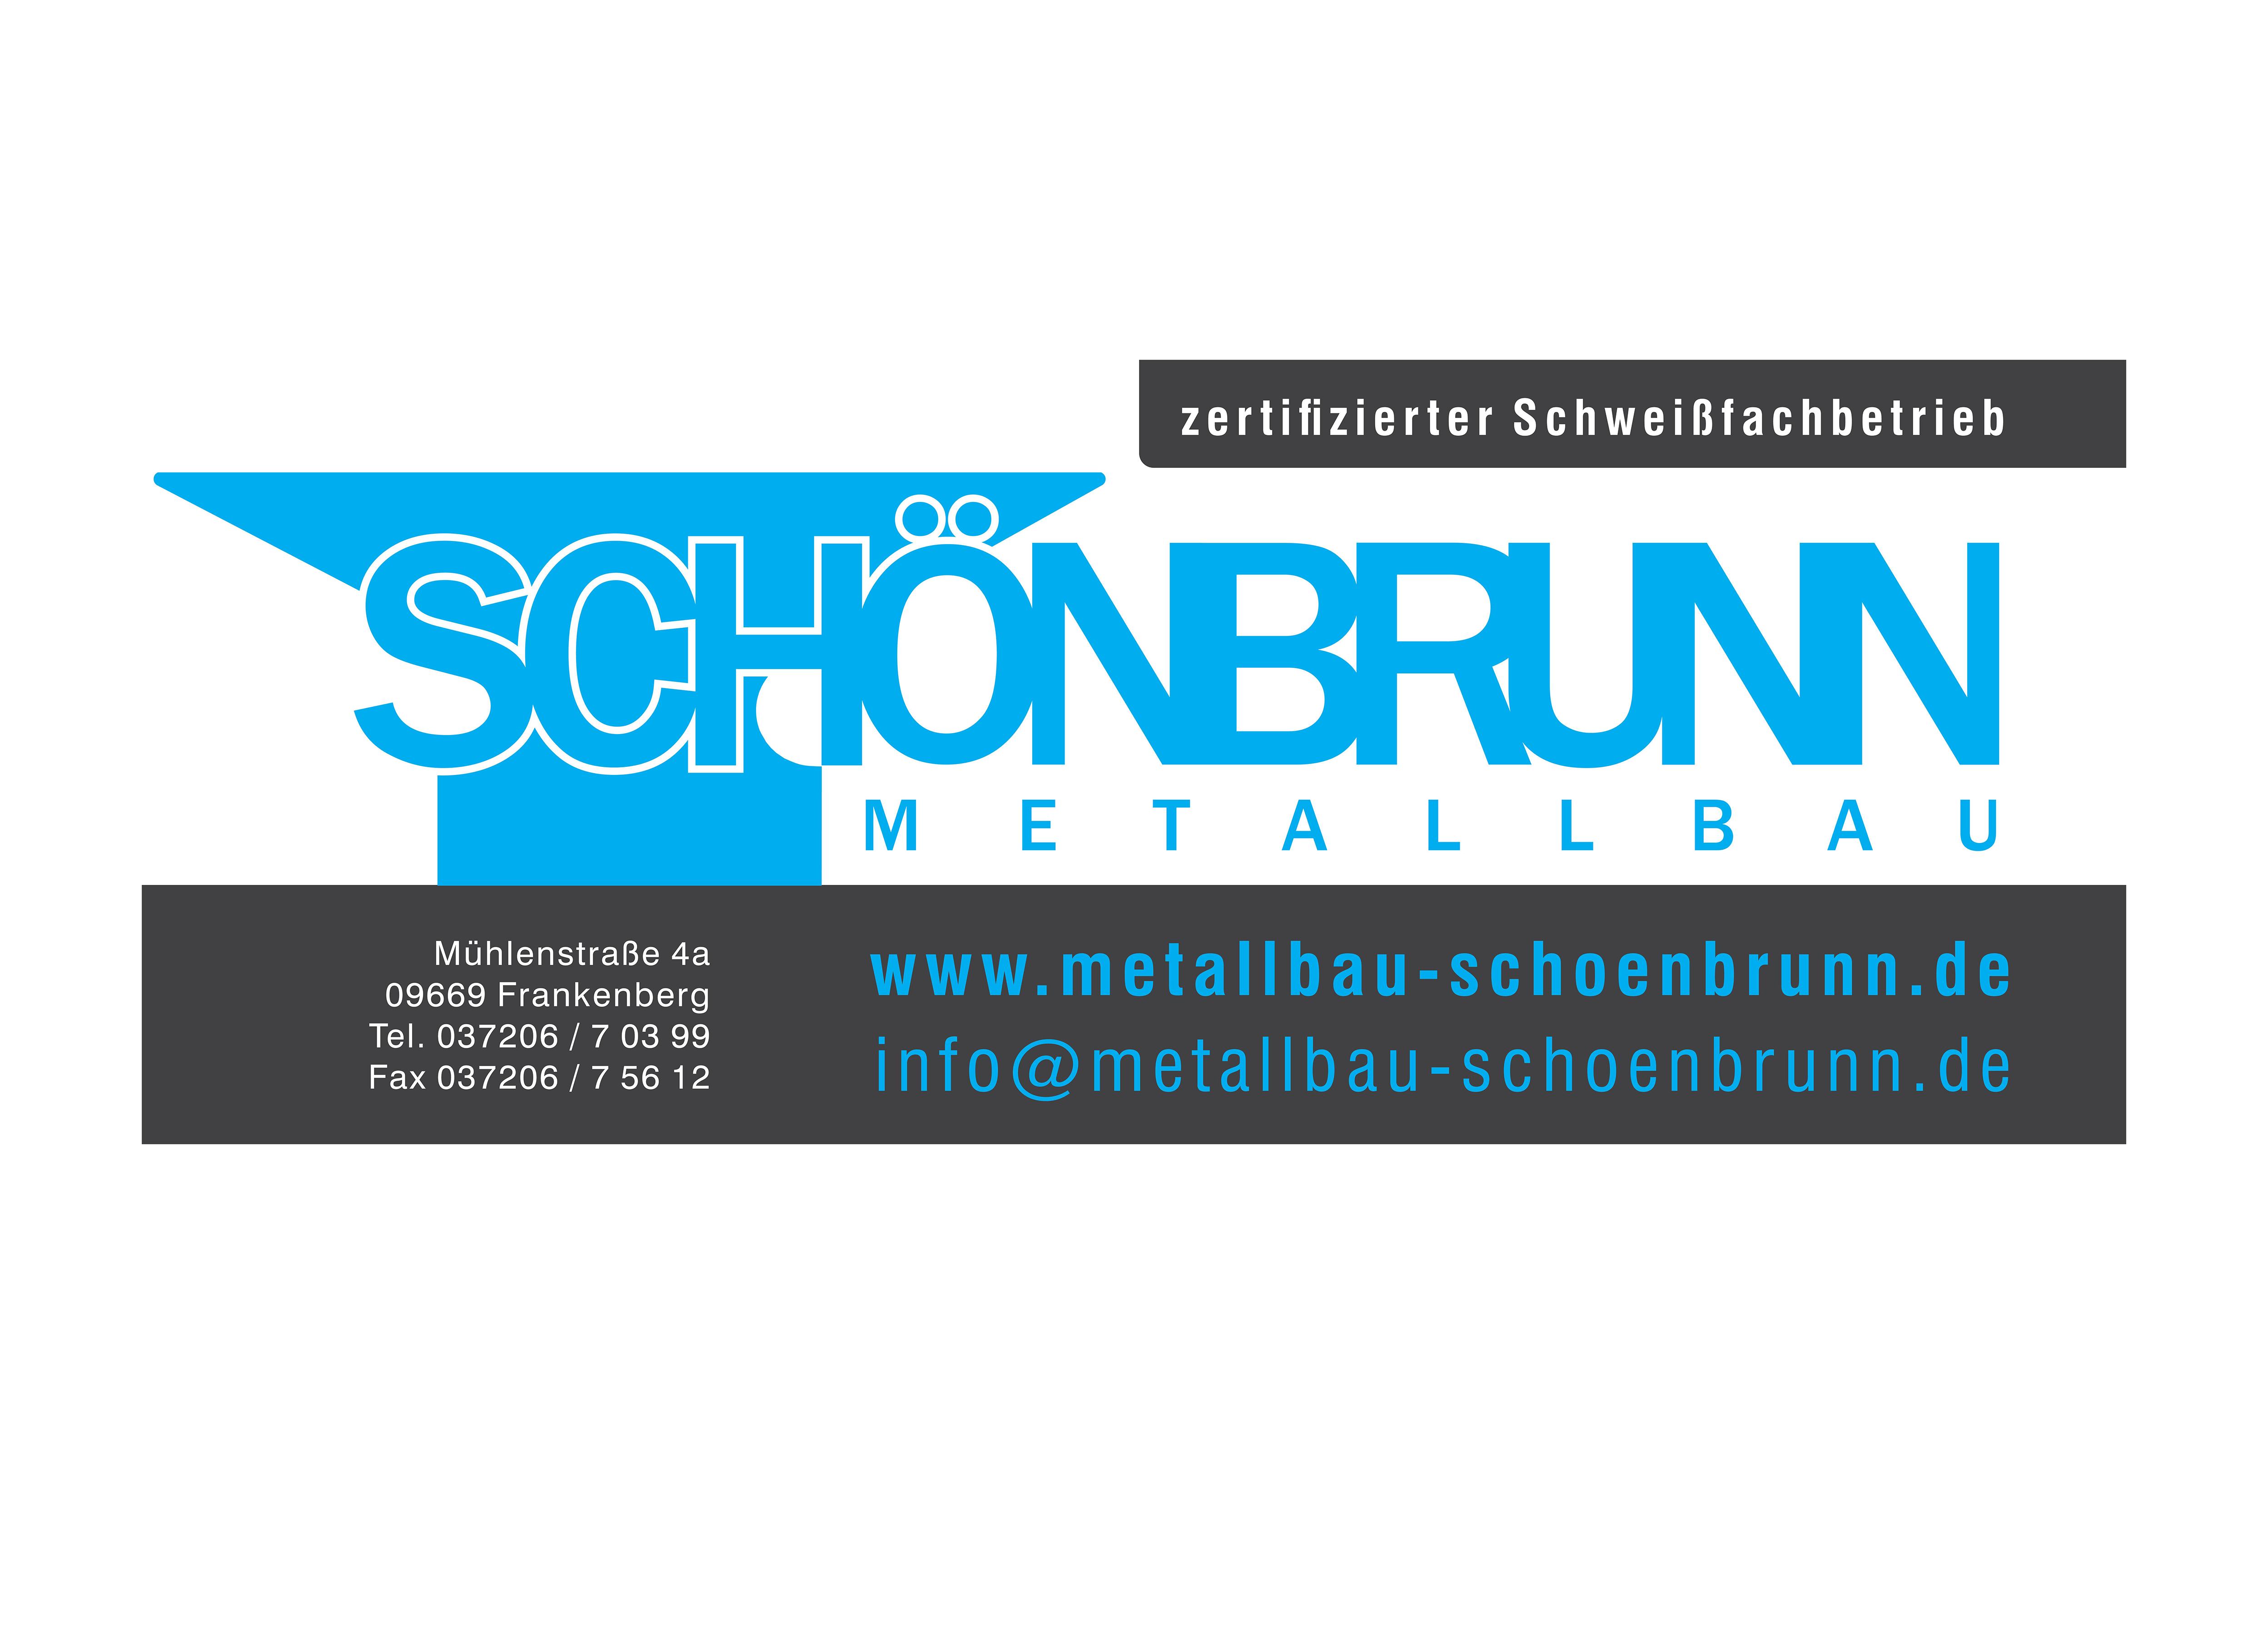 Metallbau Schönbrunn